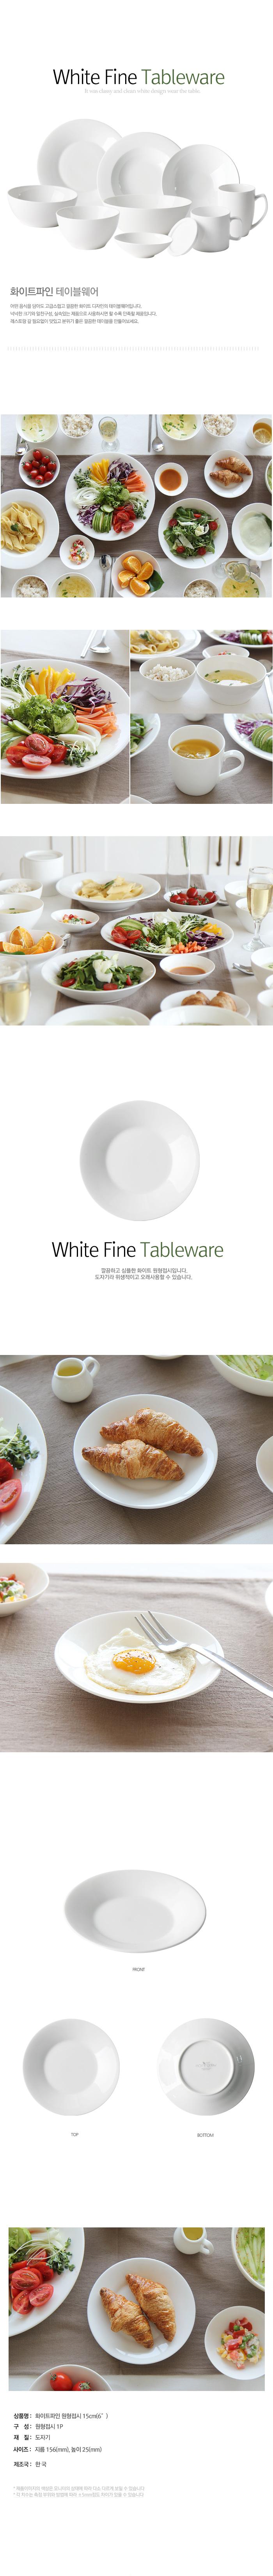 화이트파인 원형접시 15cm(6) - 모닝듀, 9,500원, 접시/찬기, 접시